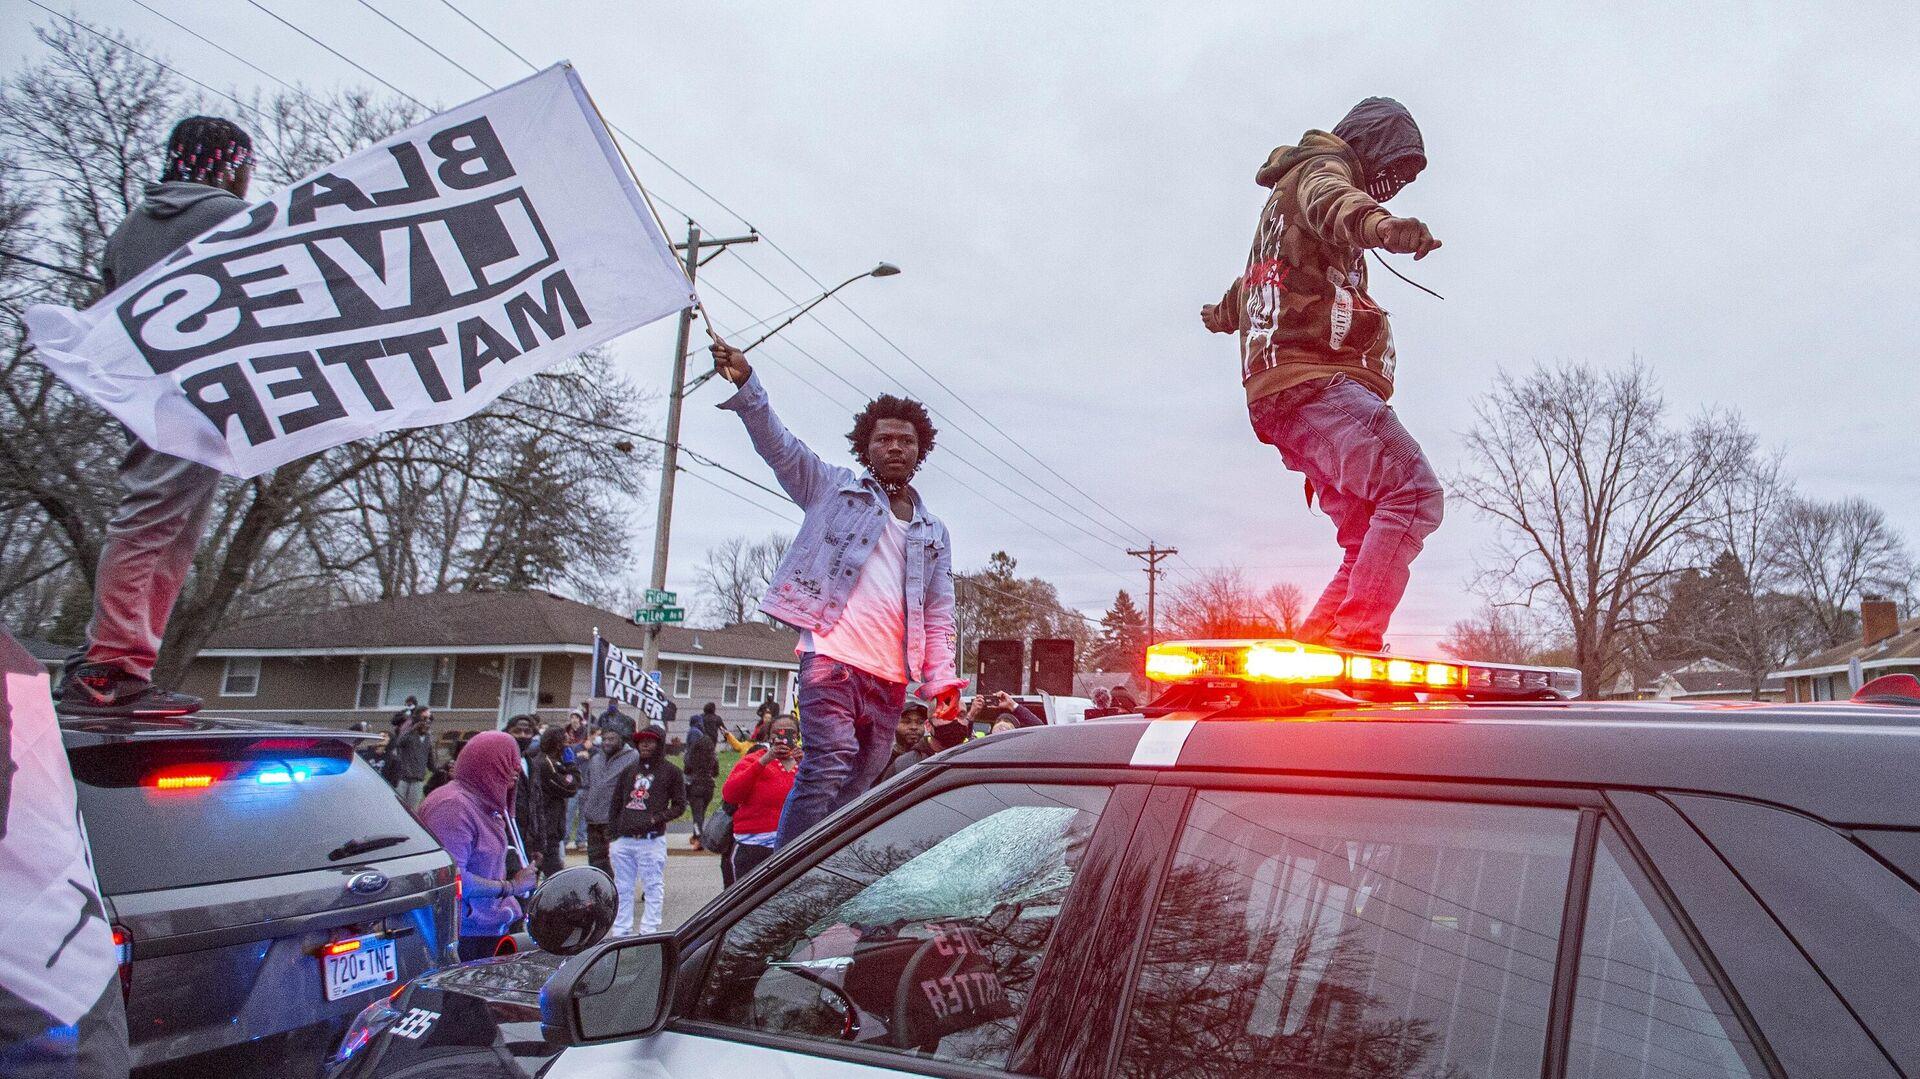 Участники акции протеста на капоте полицейского автомобиля в центре города Бруклин-Сентер в штате Миннесота, США - РИА Новости, 1920, 14.04.2021